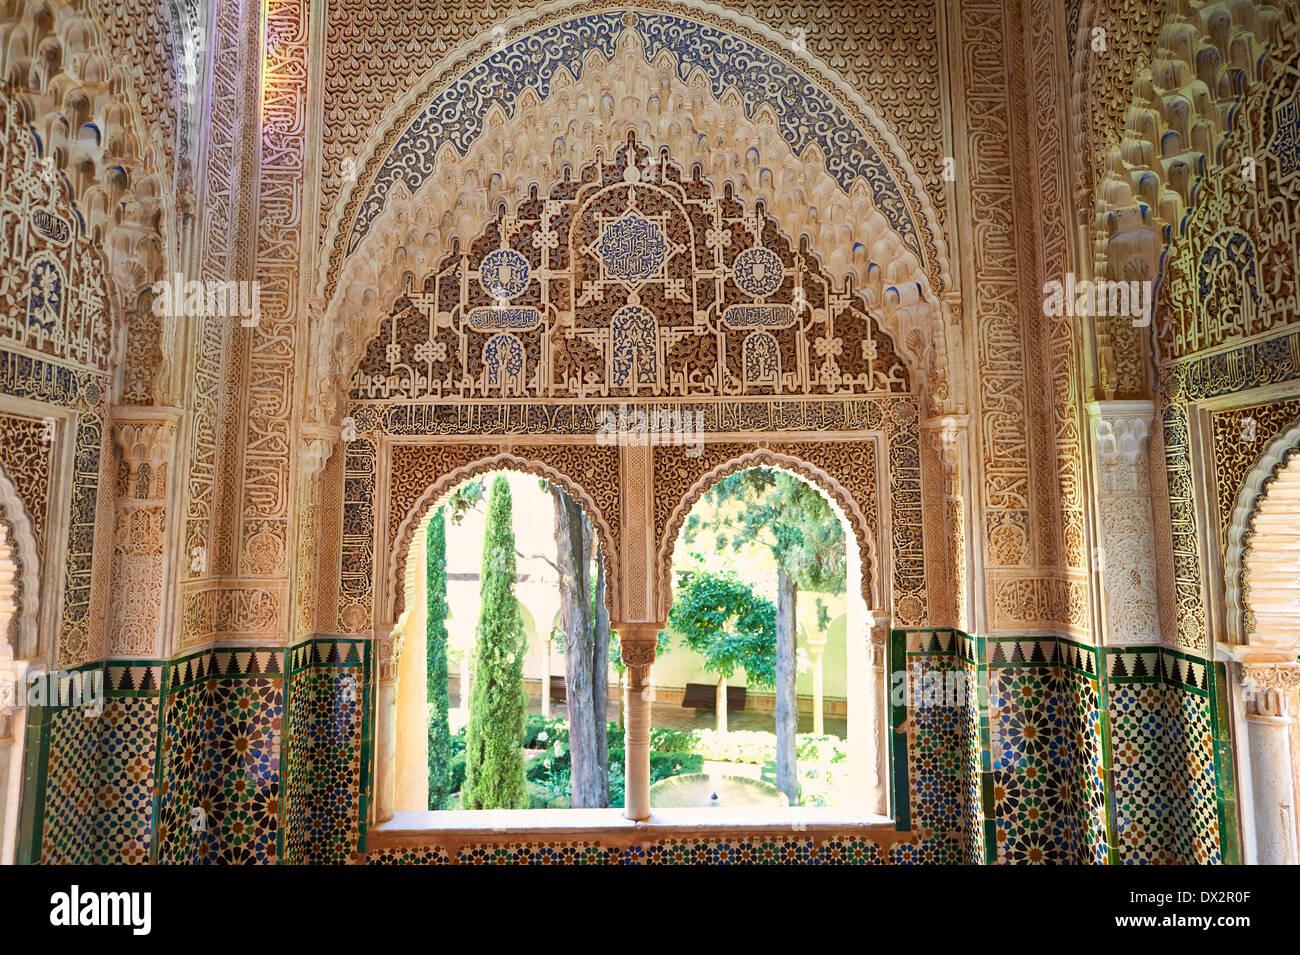 Arabesque stalattiti moresco o morcabe architettura di Palacios Nazaries, Alhambra. Granada, Andalusia, Spagna. Immagini Stock